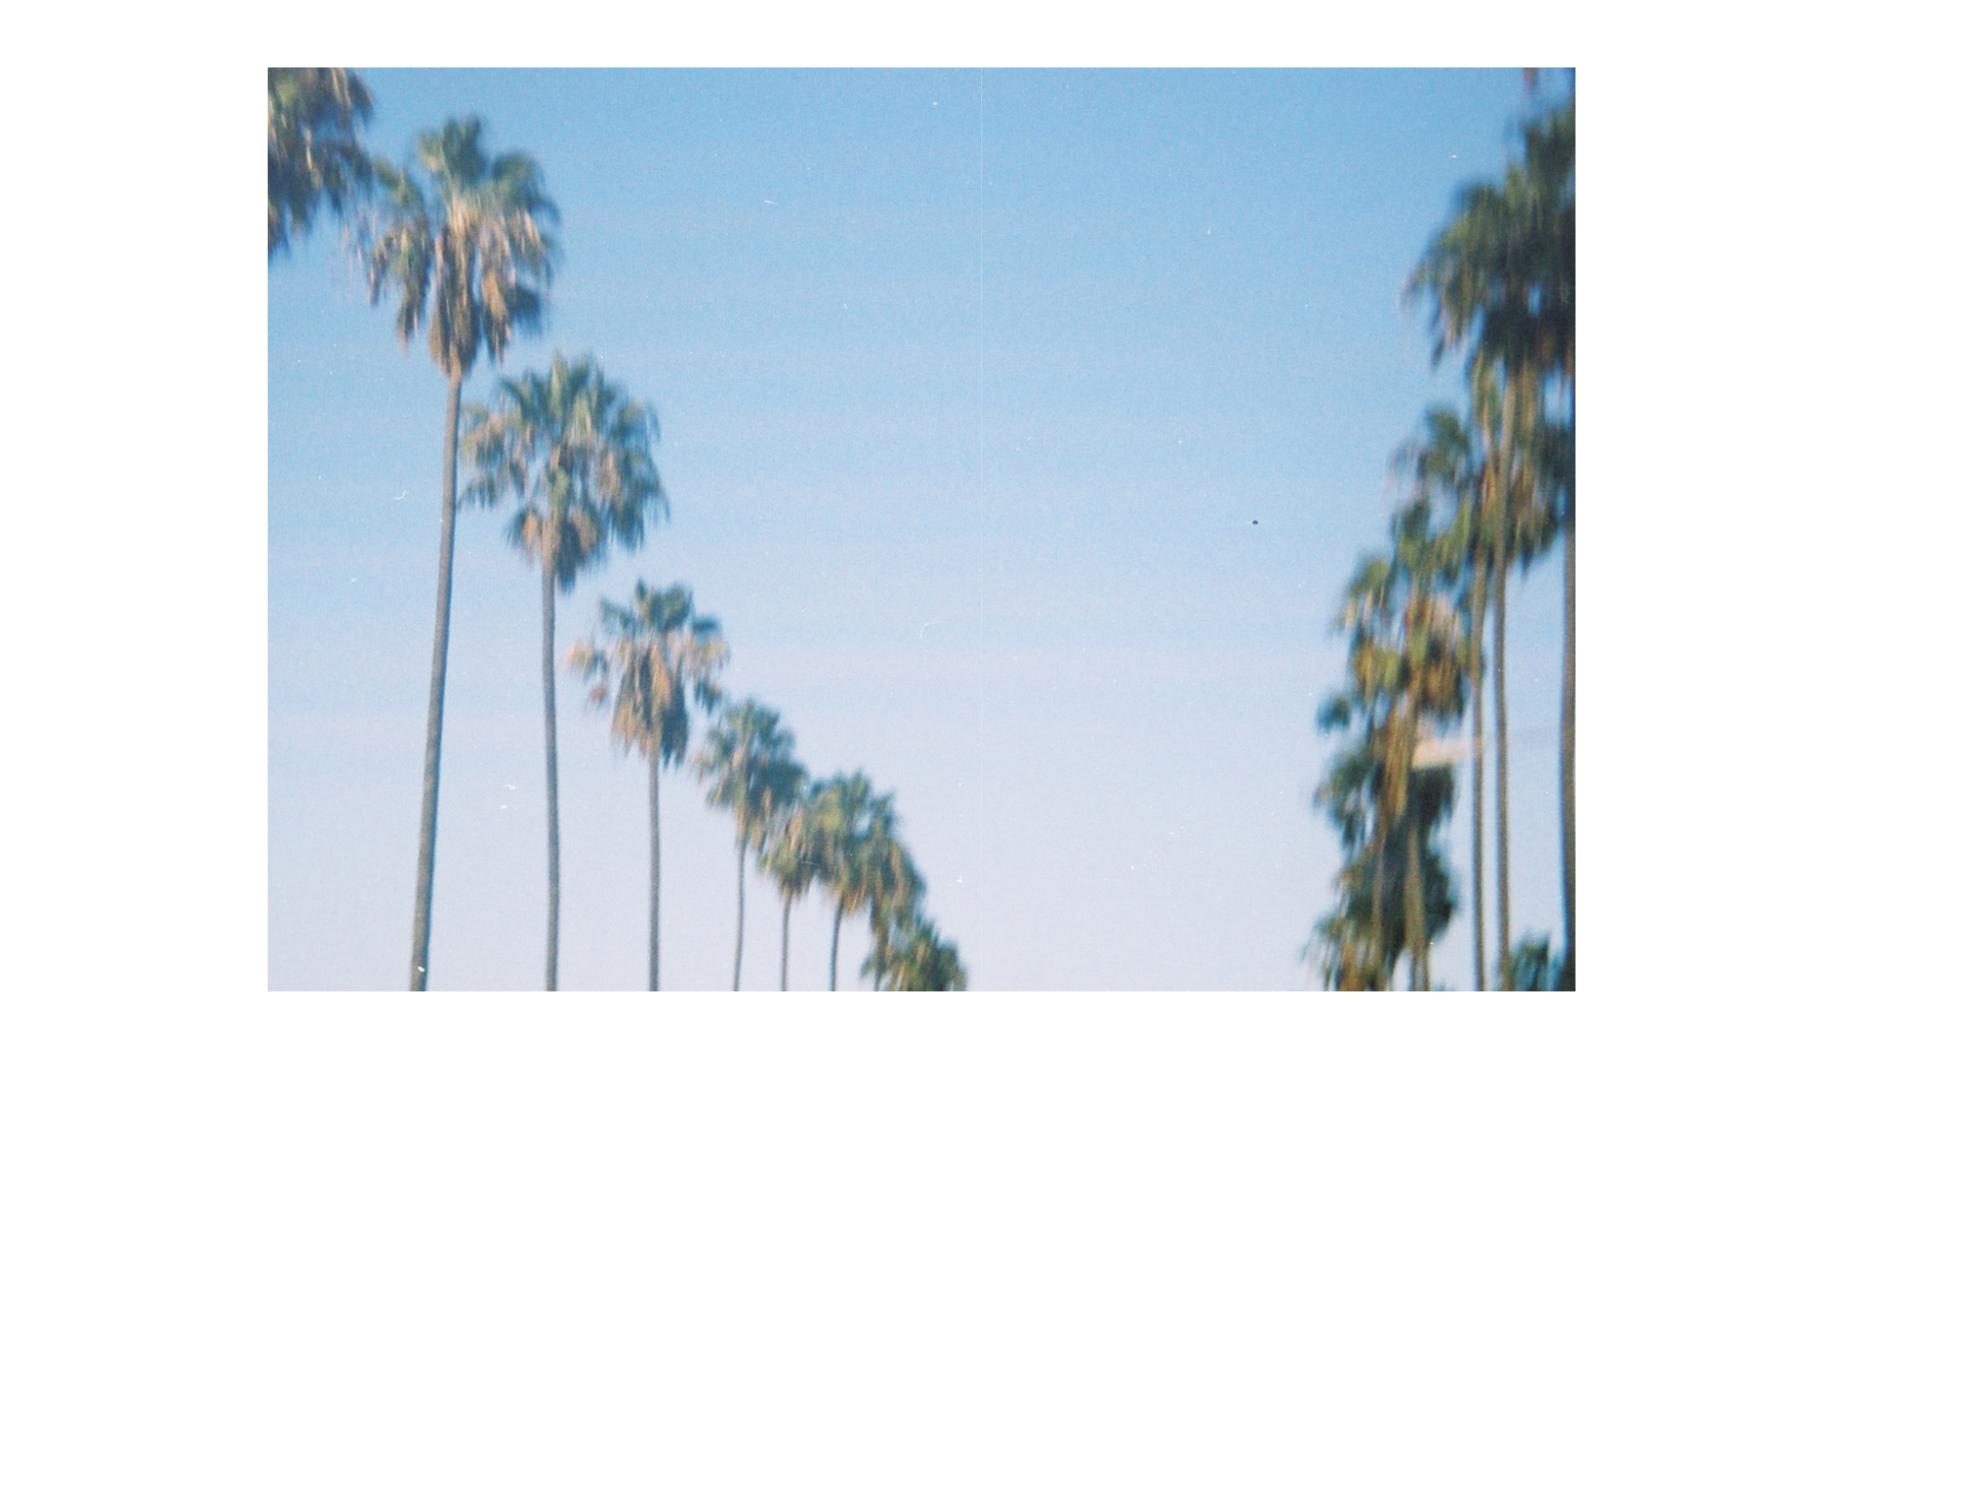 Screen Shot 2019-02-17 at 6.49.20 PM.png